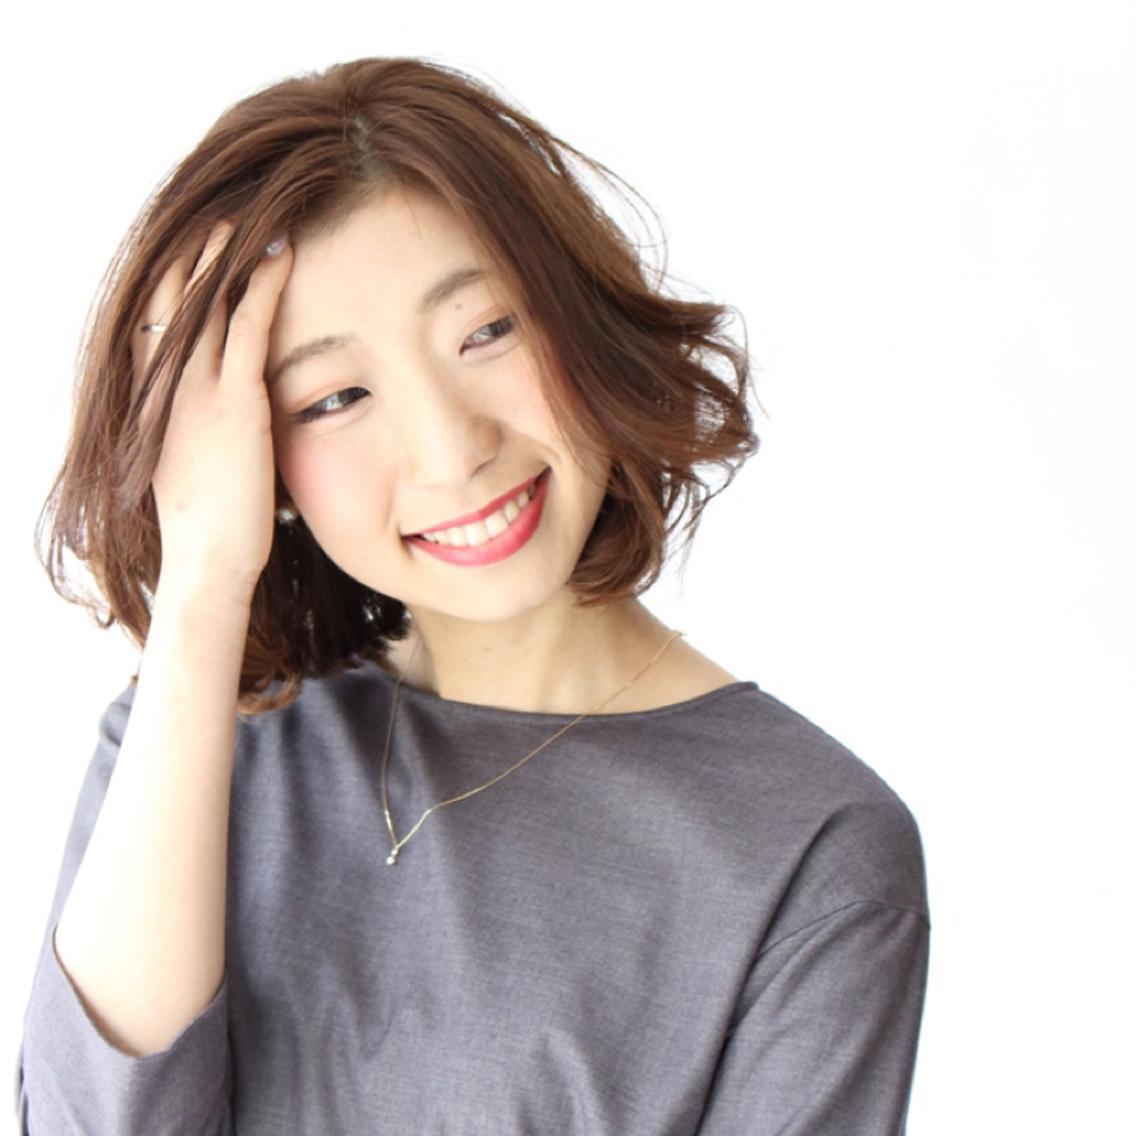 【神戸 王子公園】カット、カラー、トリートメント、ヘッドスパで素敵に変身◎ 素敵なお手伝いさせて下さい!!